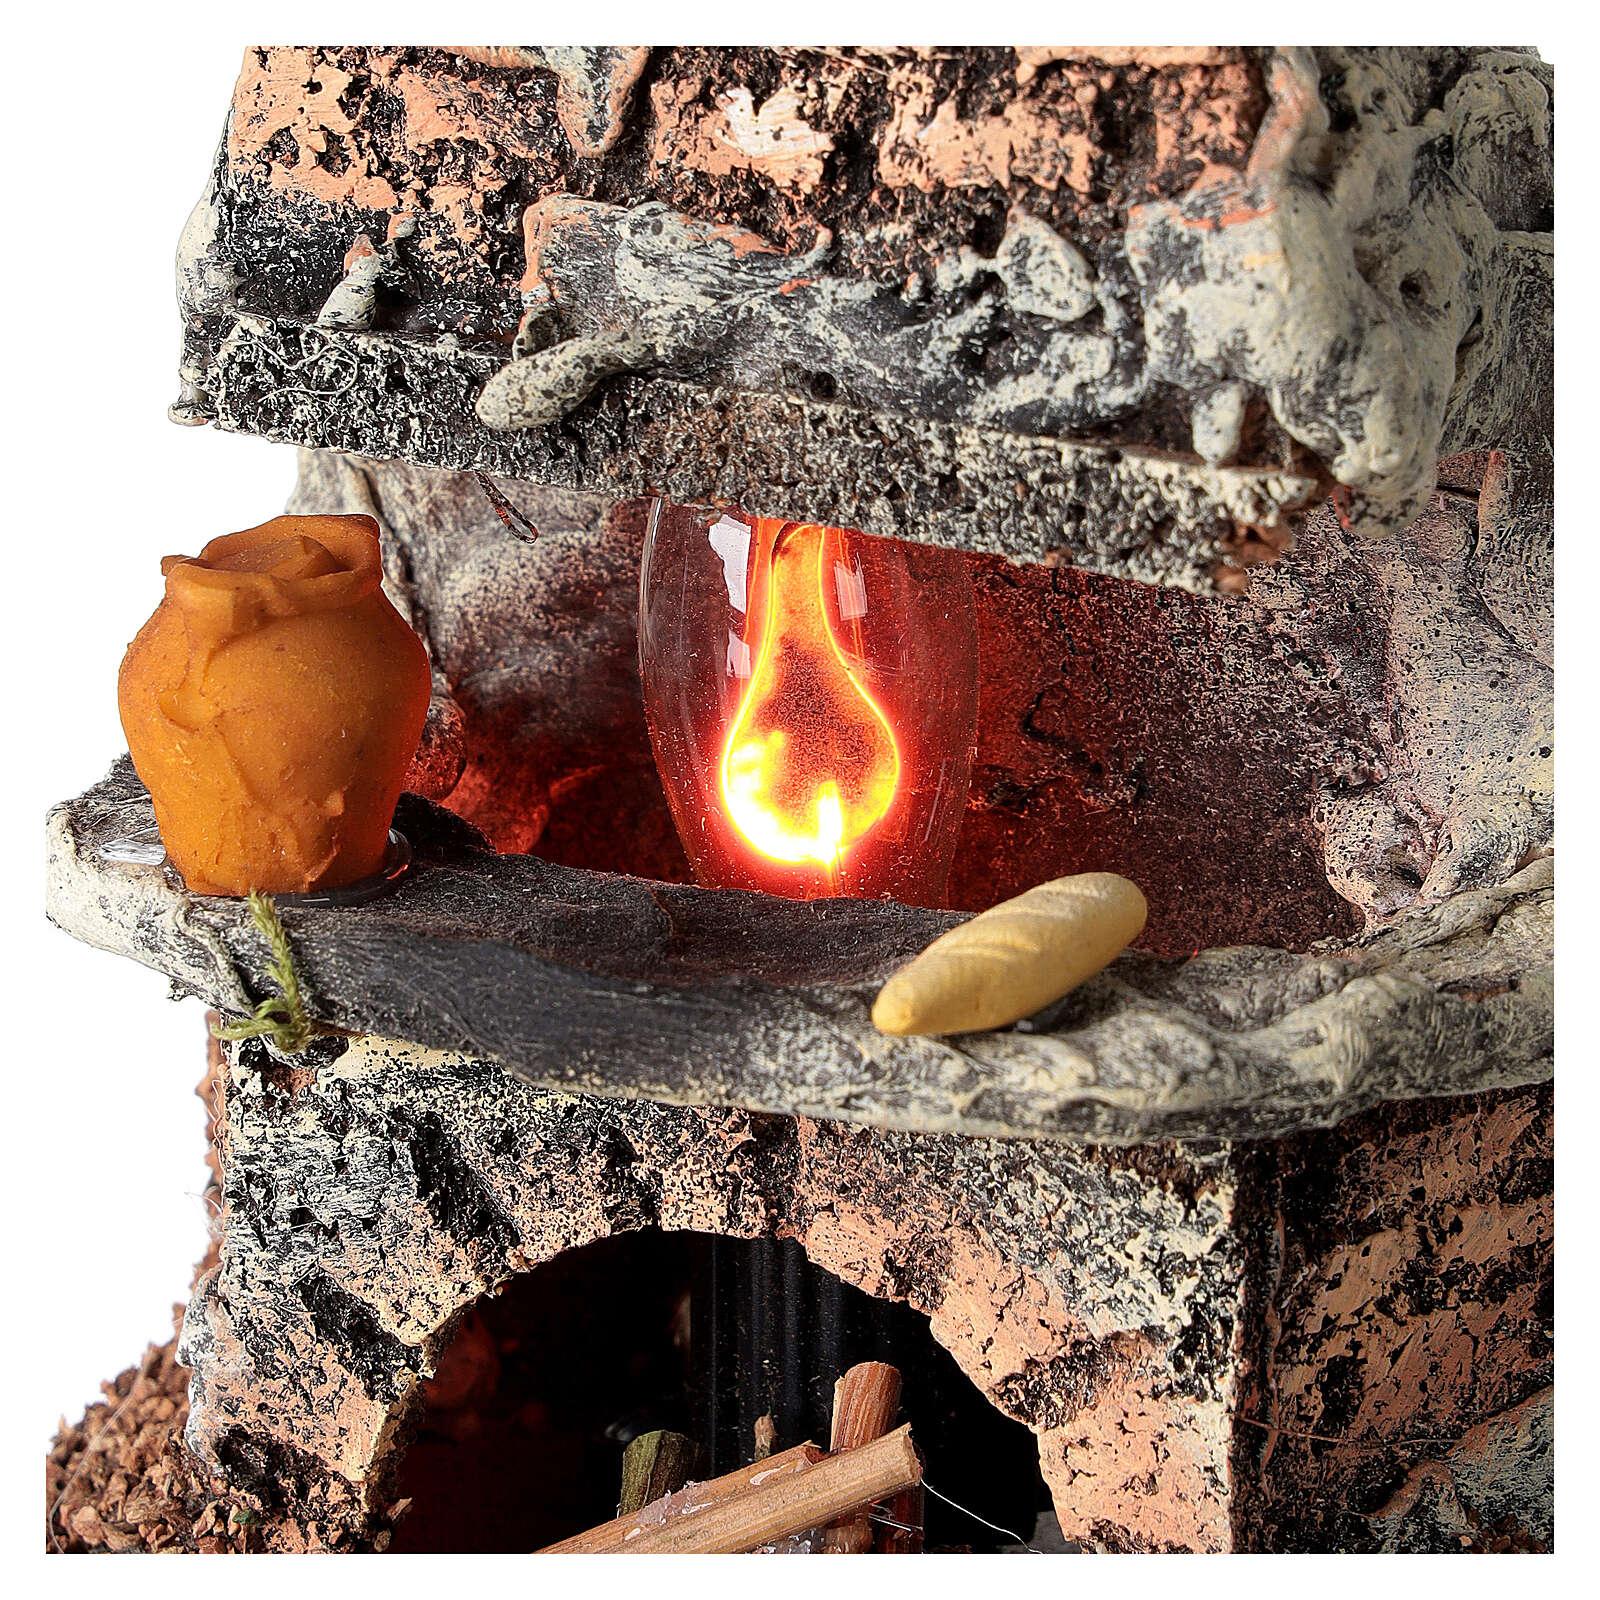 Forno luce effetto fiamma presepe 8-10 cm 4